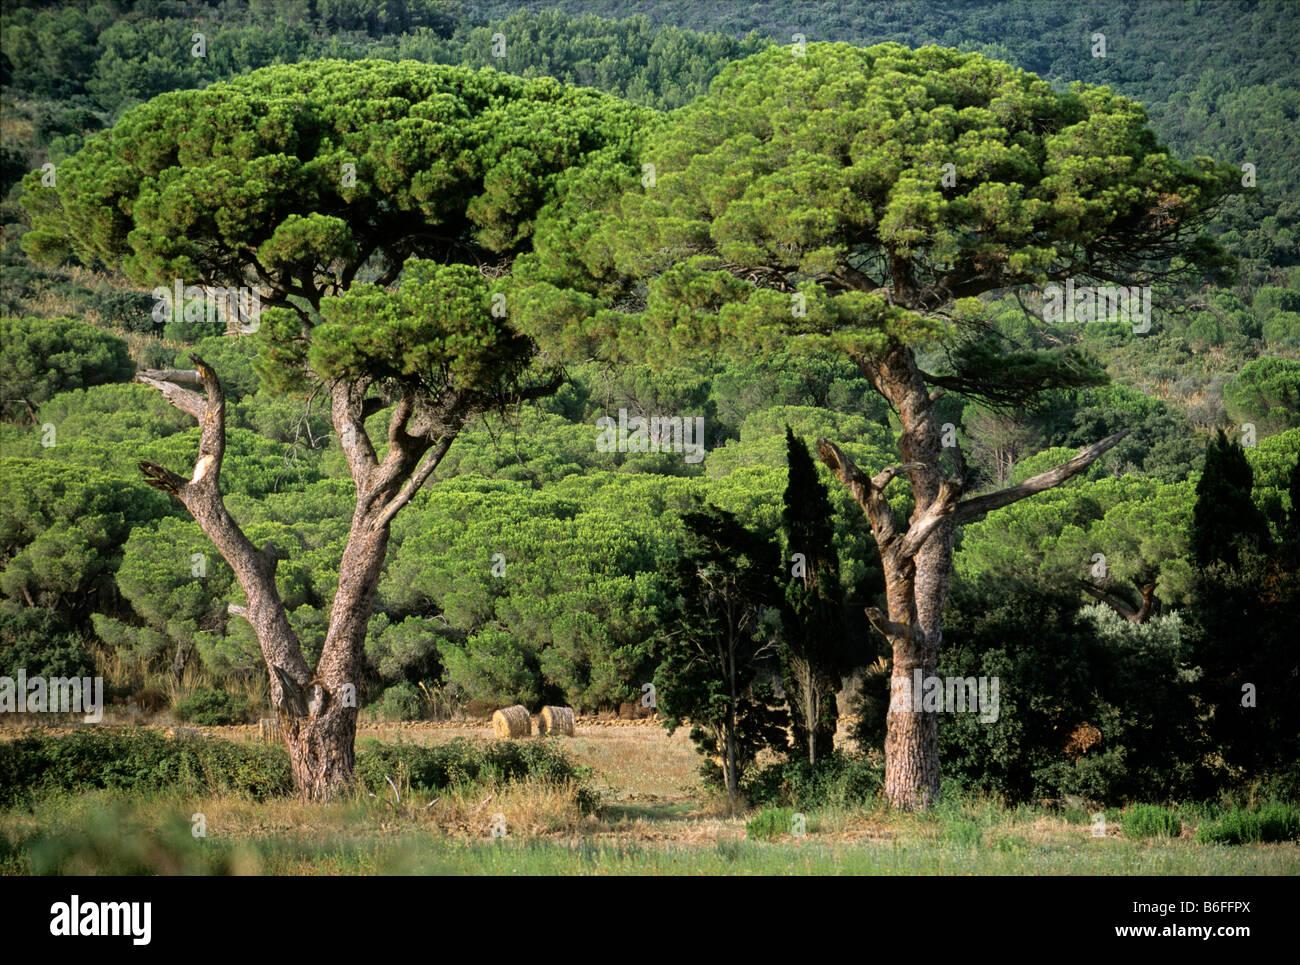 Pine forest near Castiglione della Pescaia, Grosseto province, Tuscany, Italy, Europe - Stock Image